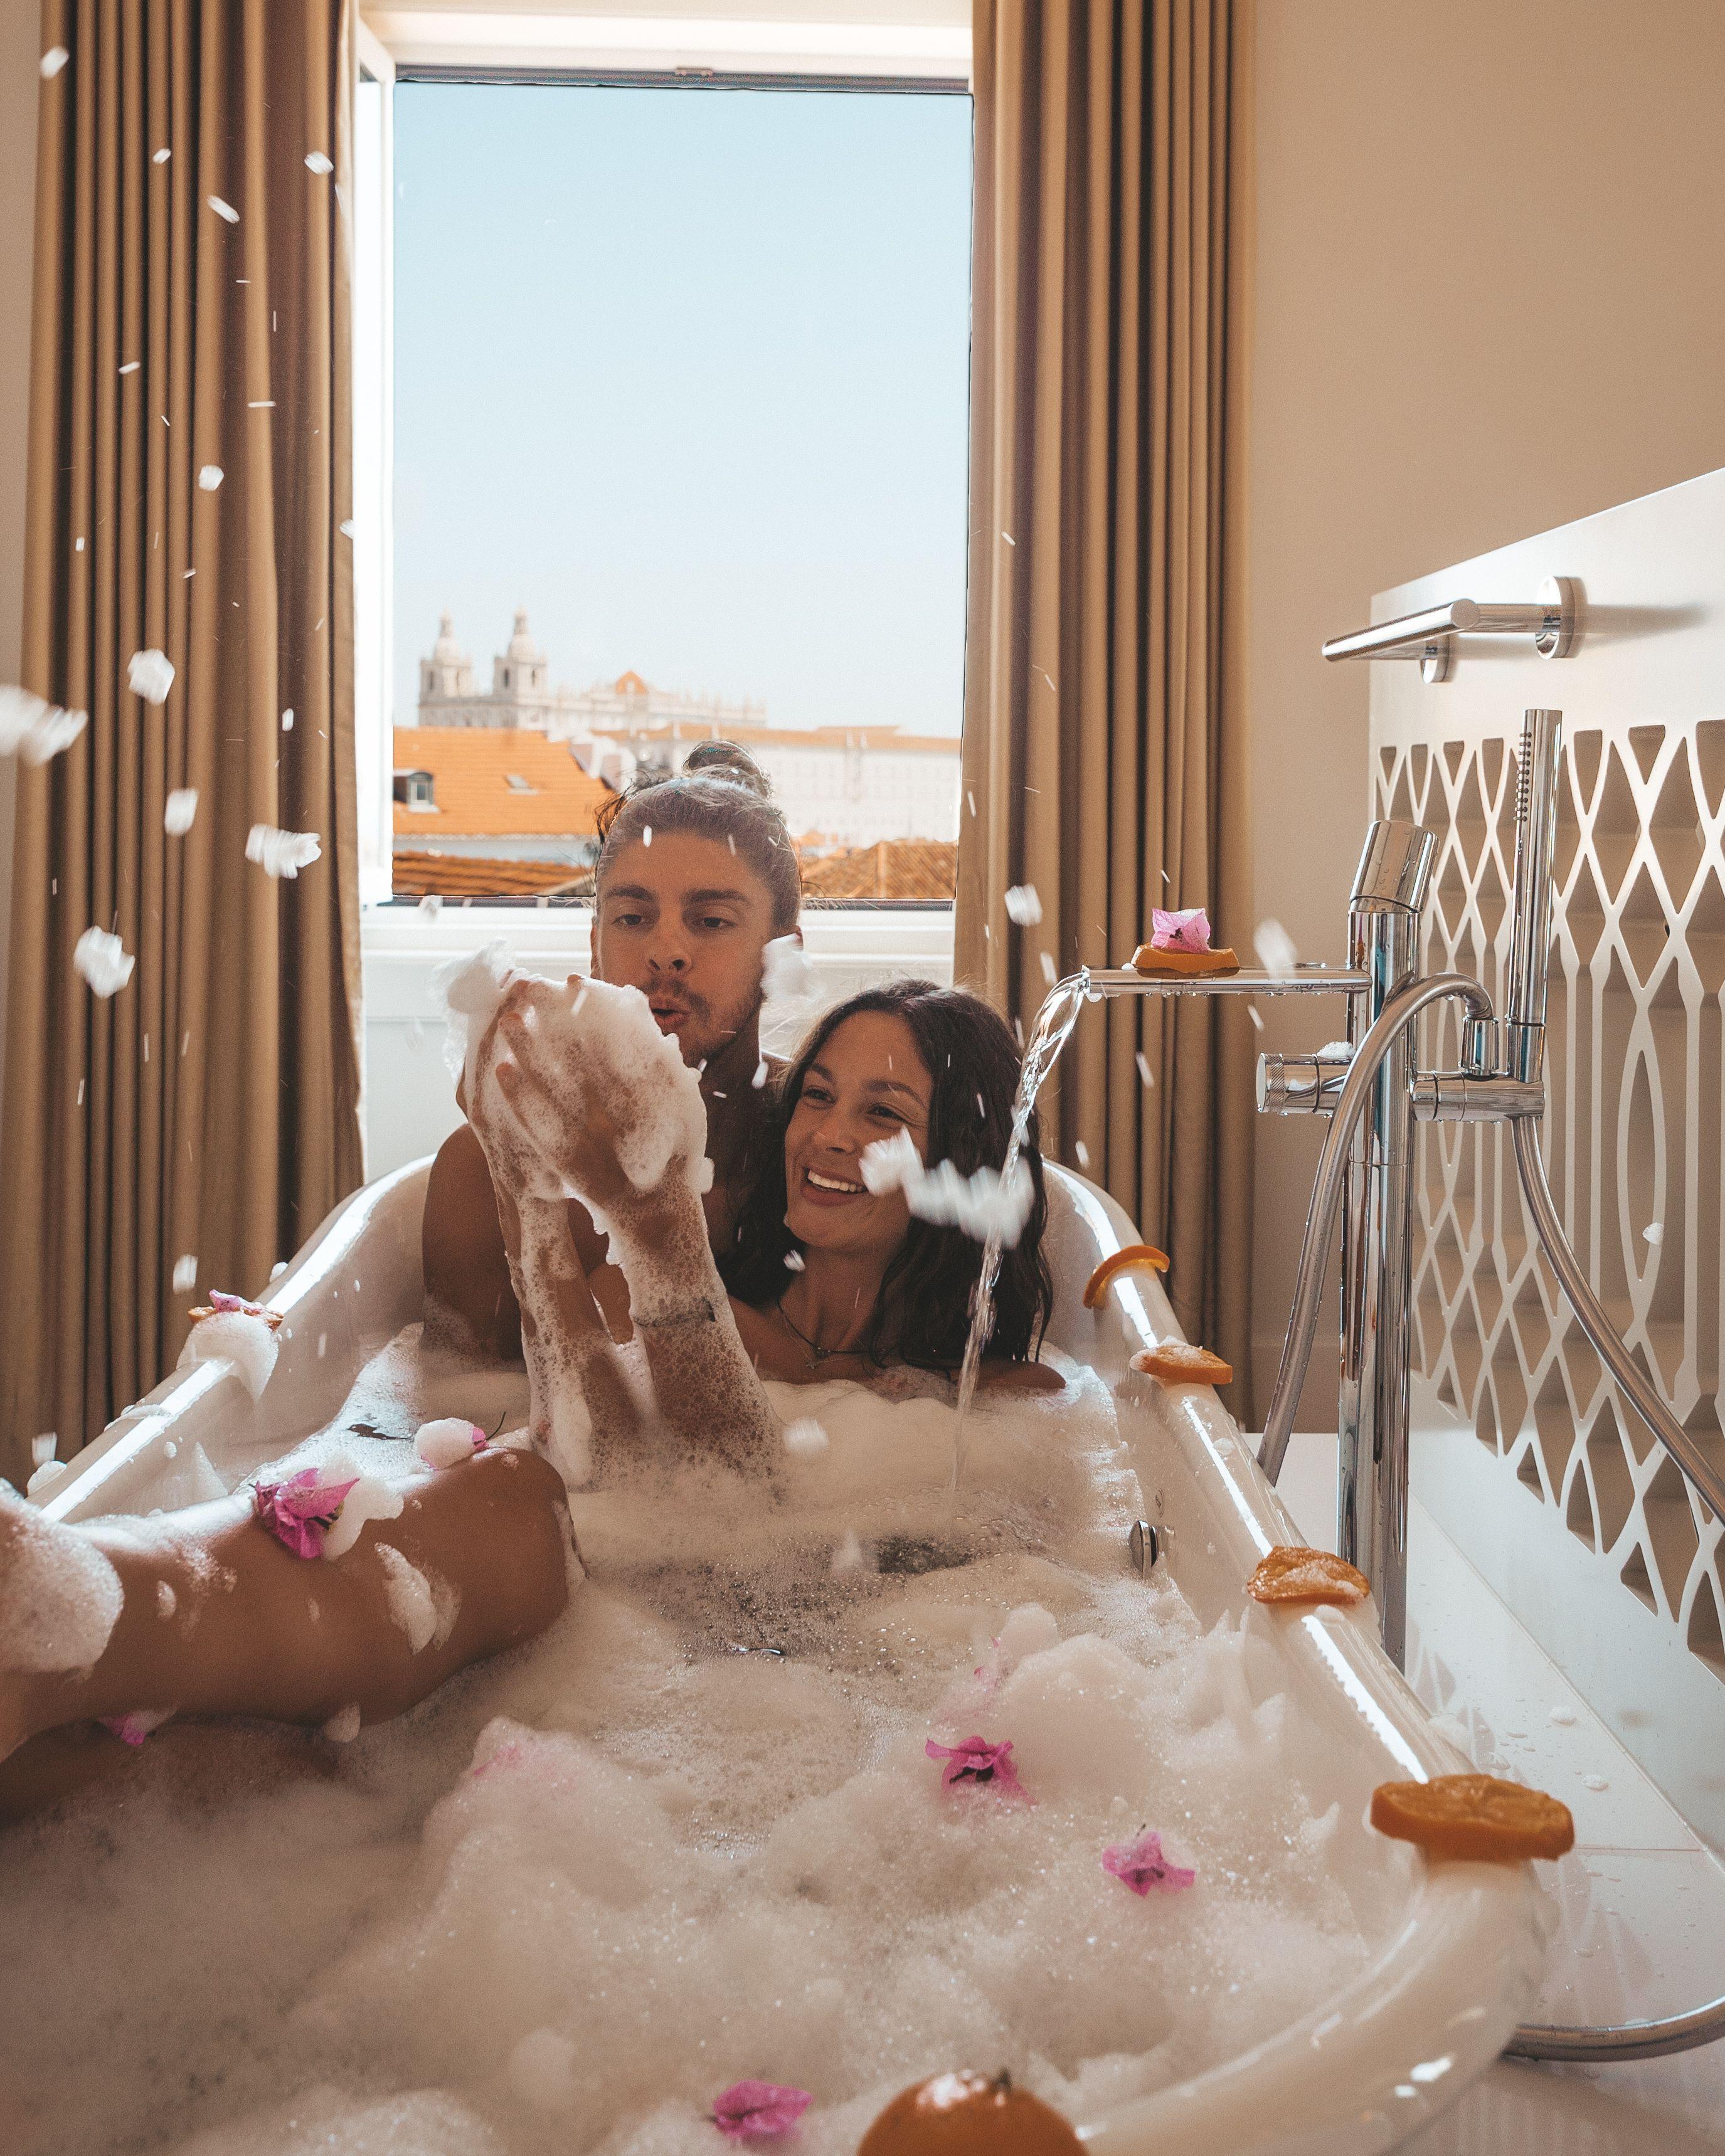 GF In Bath Tub